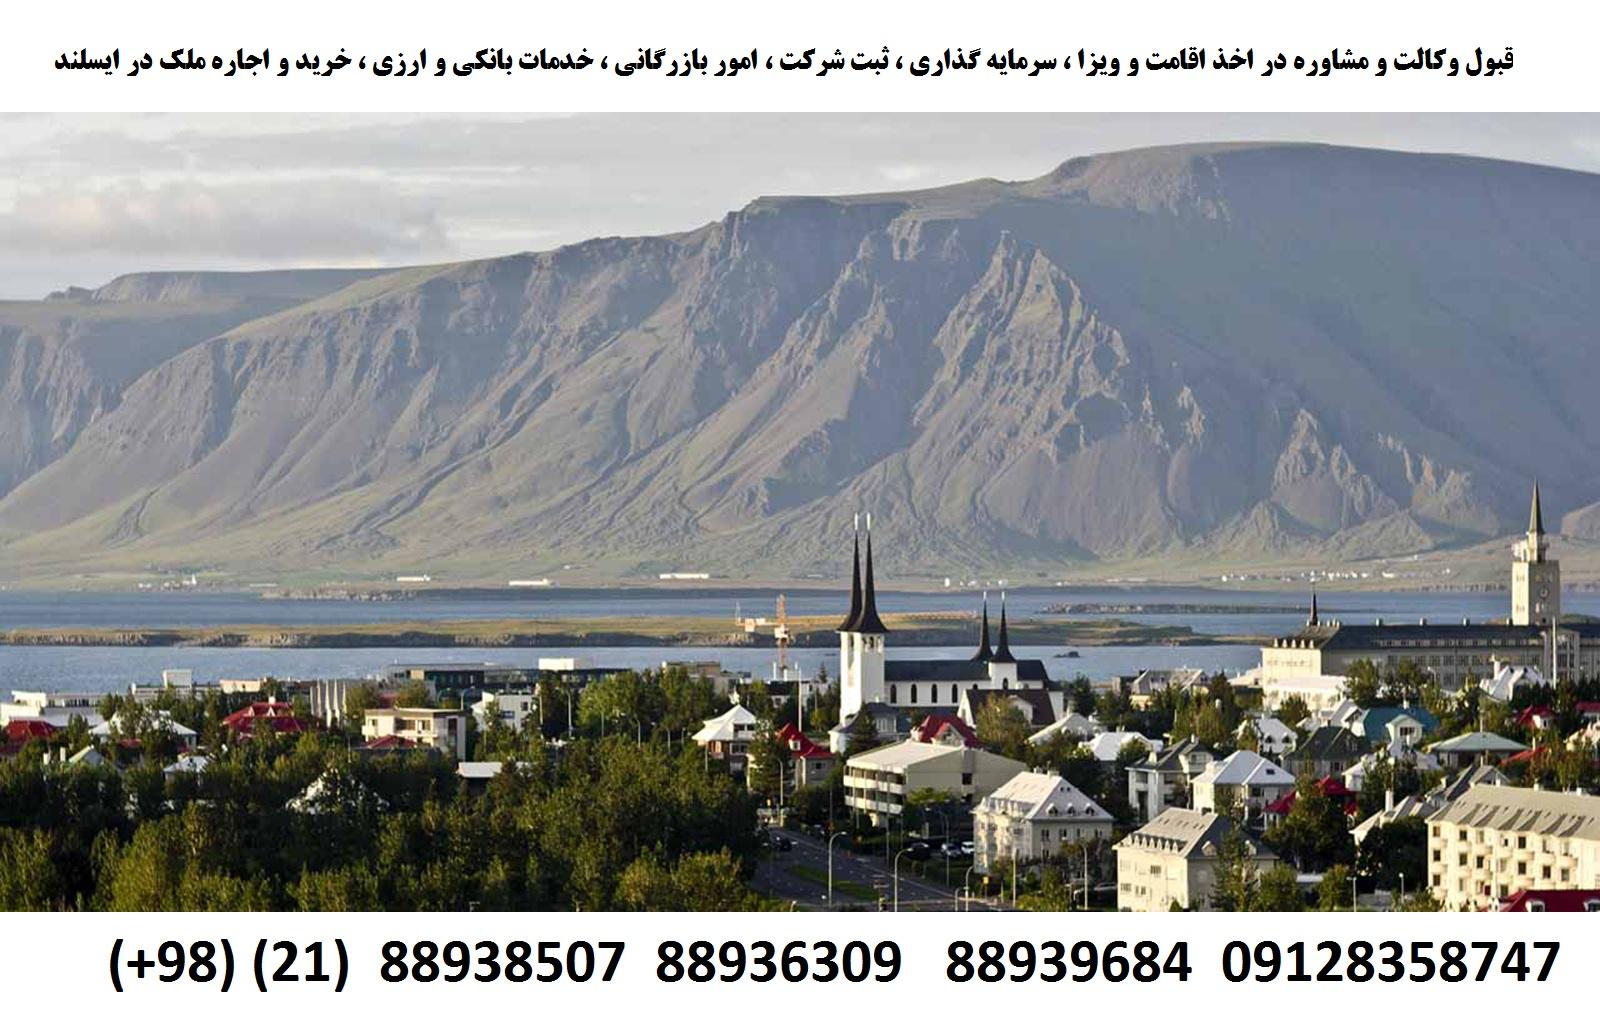 اقامت ، اخذ ویزا ، ثبت شرکت ، سرمایه گذاری در ایسلند (4)